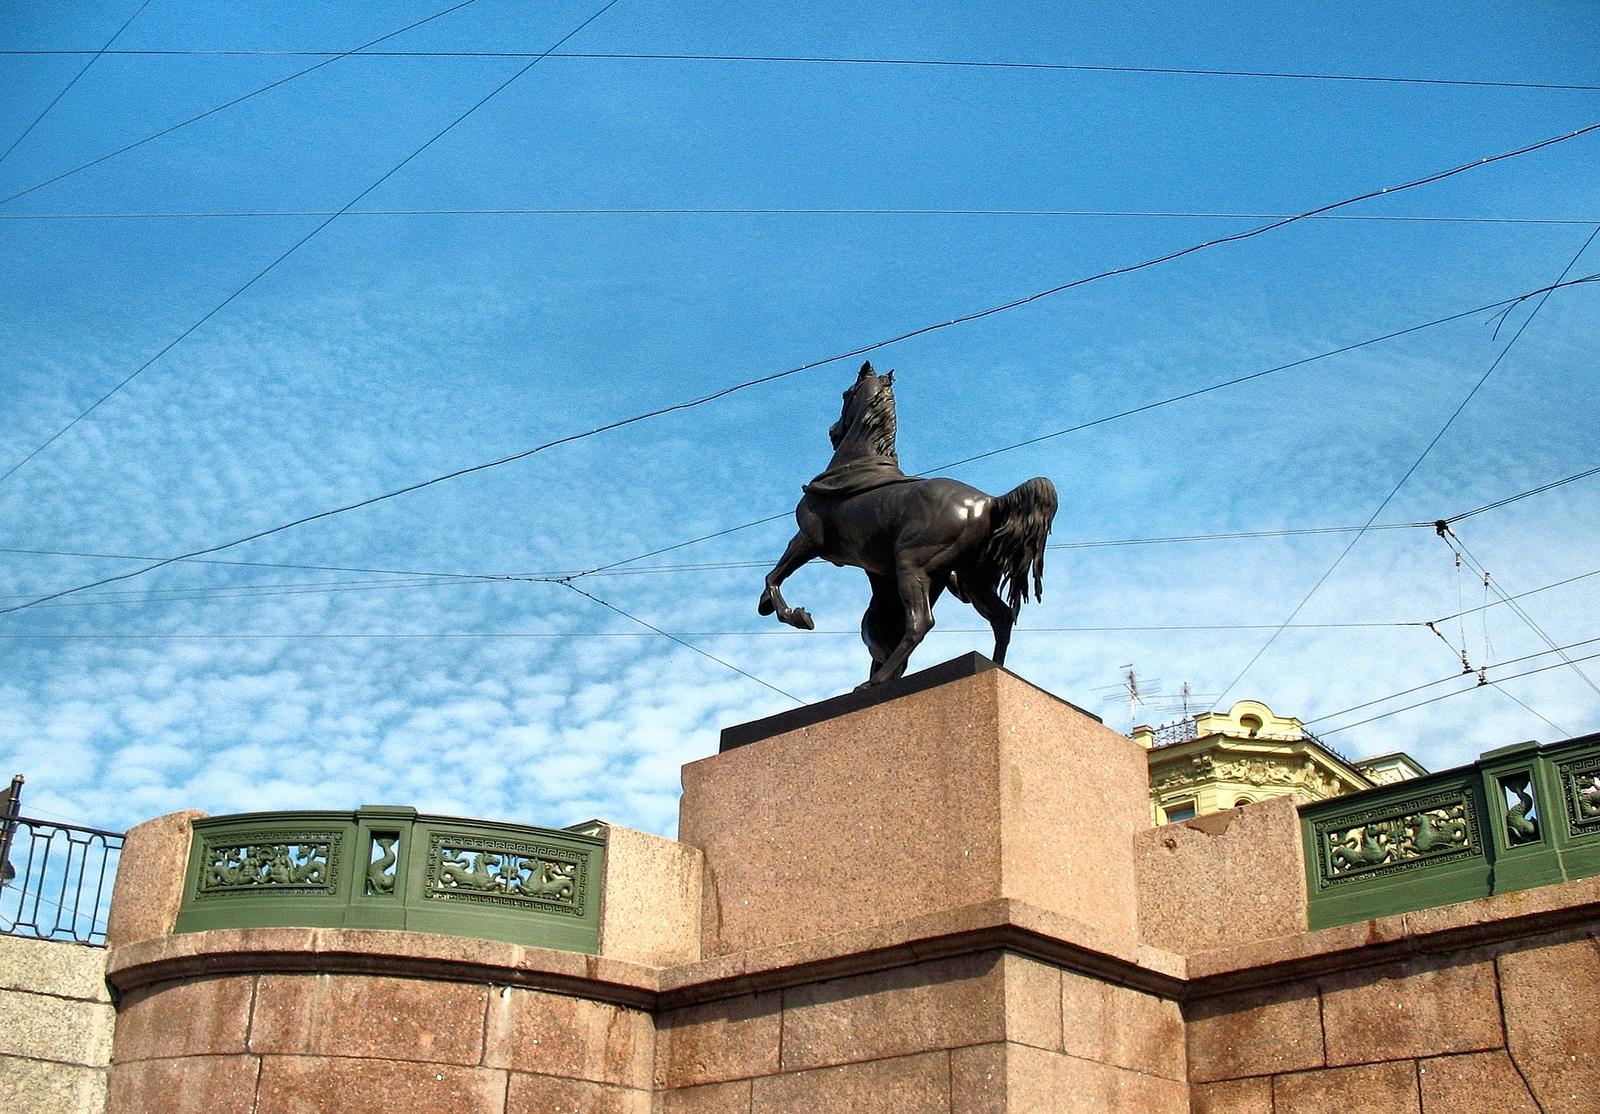 Одна из четырех скульптур укротителей коней на Аничковом мосту, Санкт-Петербург